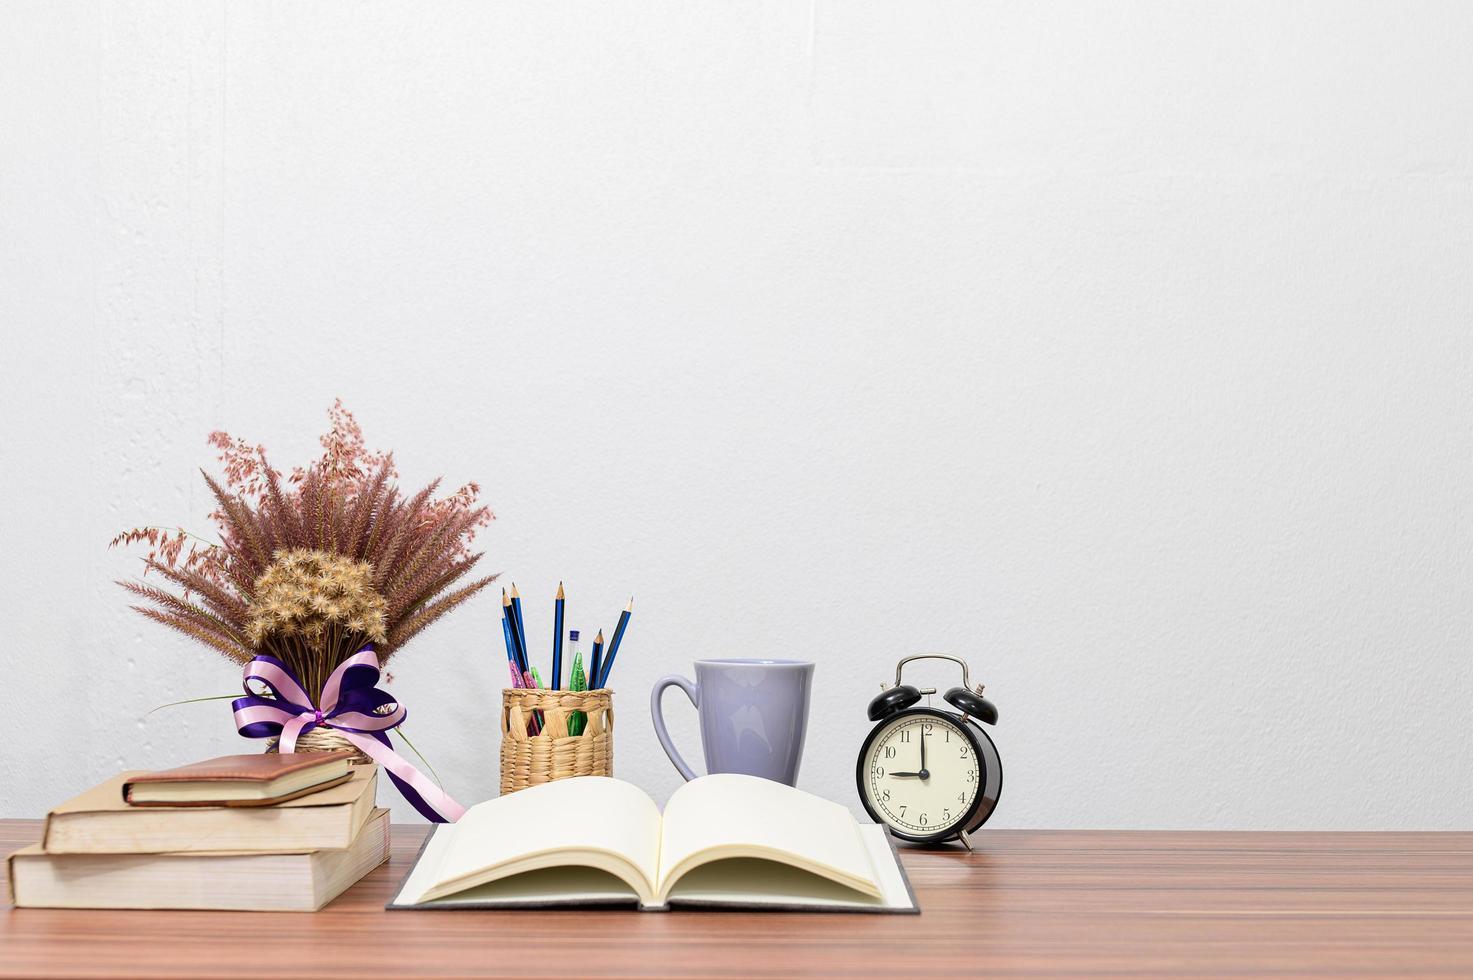 briefpapier en boeken op het bureau foto